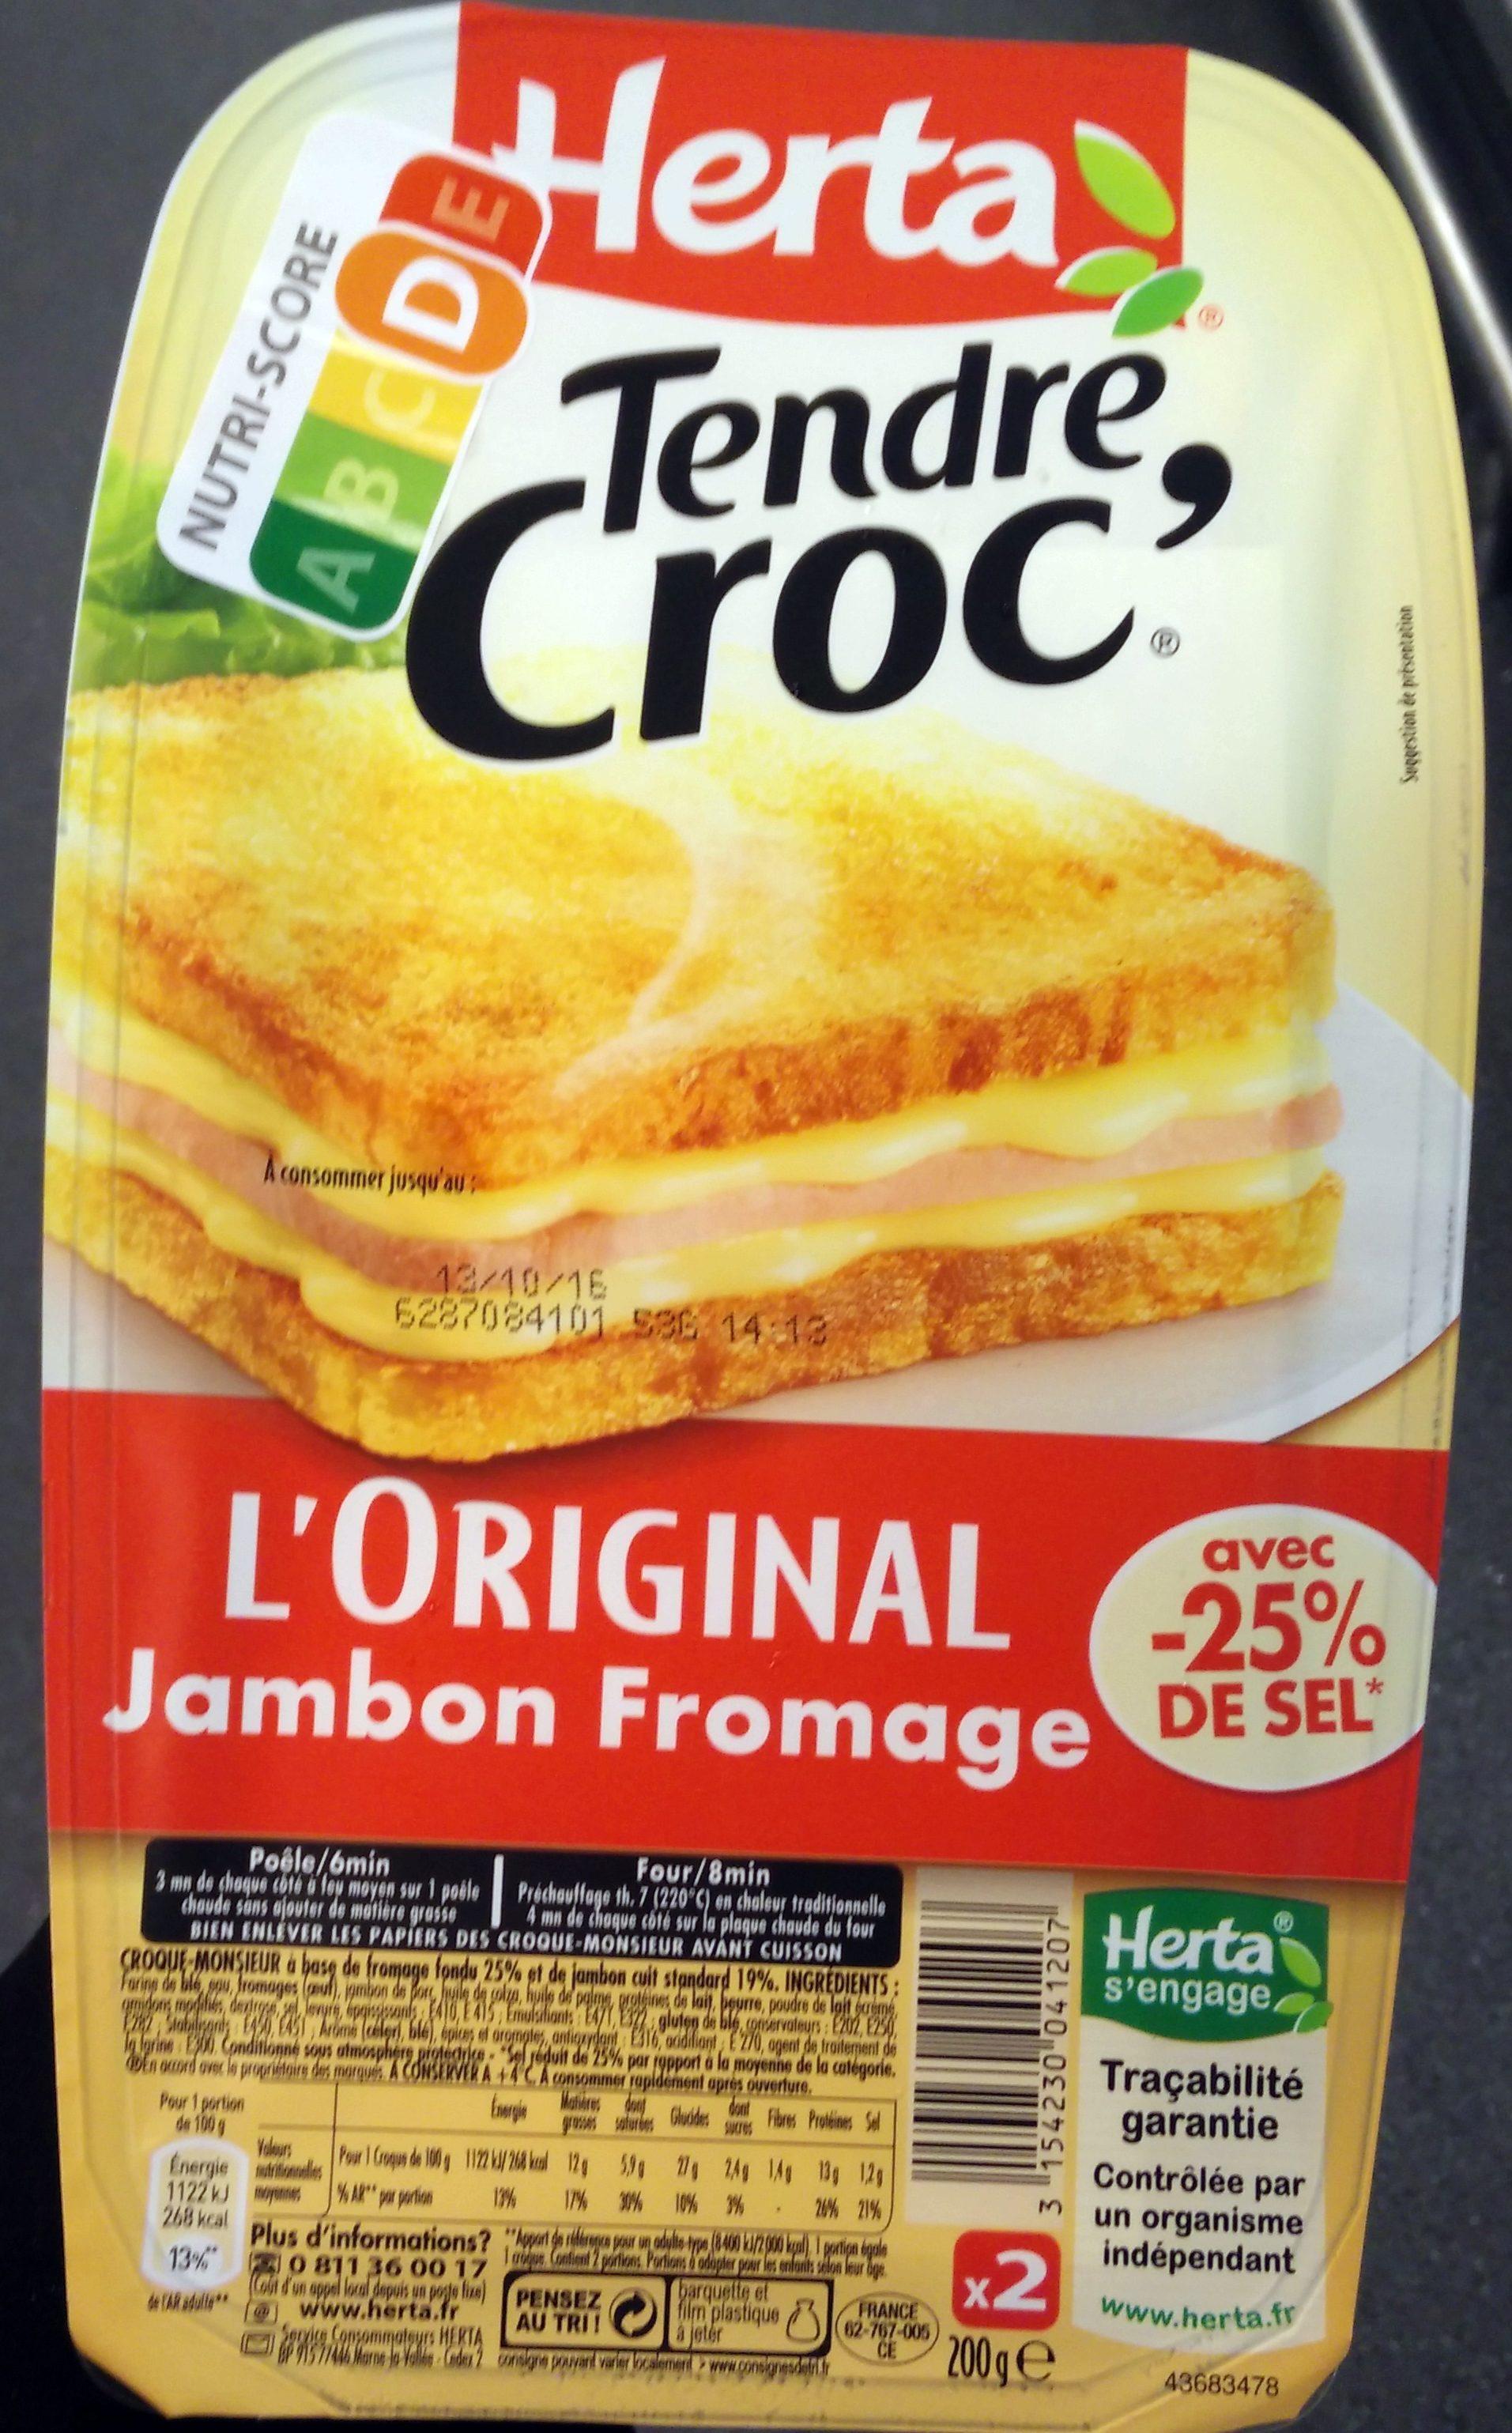 Tendre Croc' L'Original Jambon Fromage -25% de Sel - Produit - fr